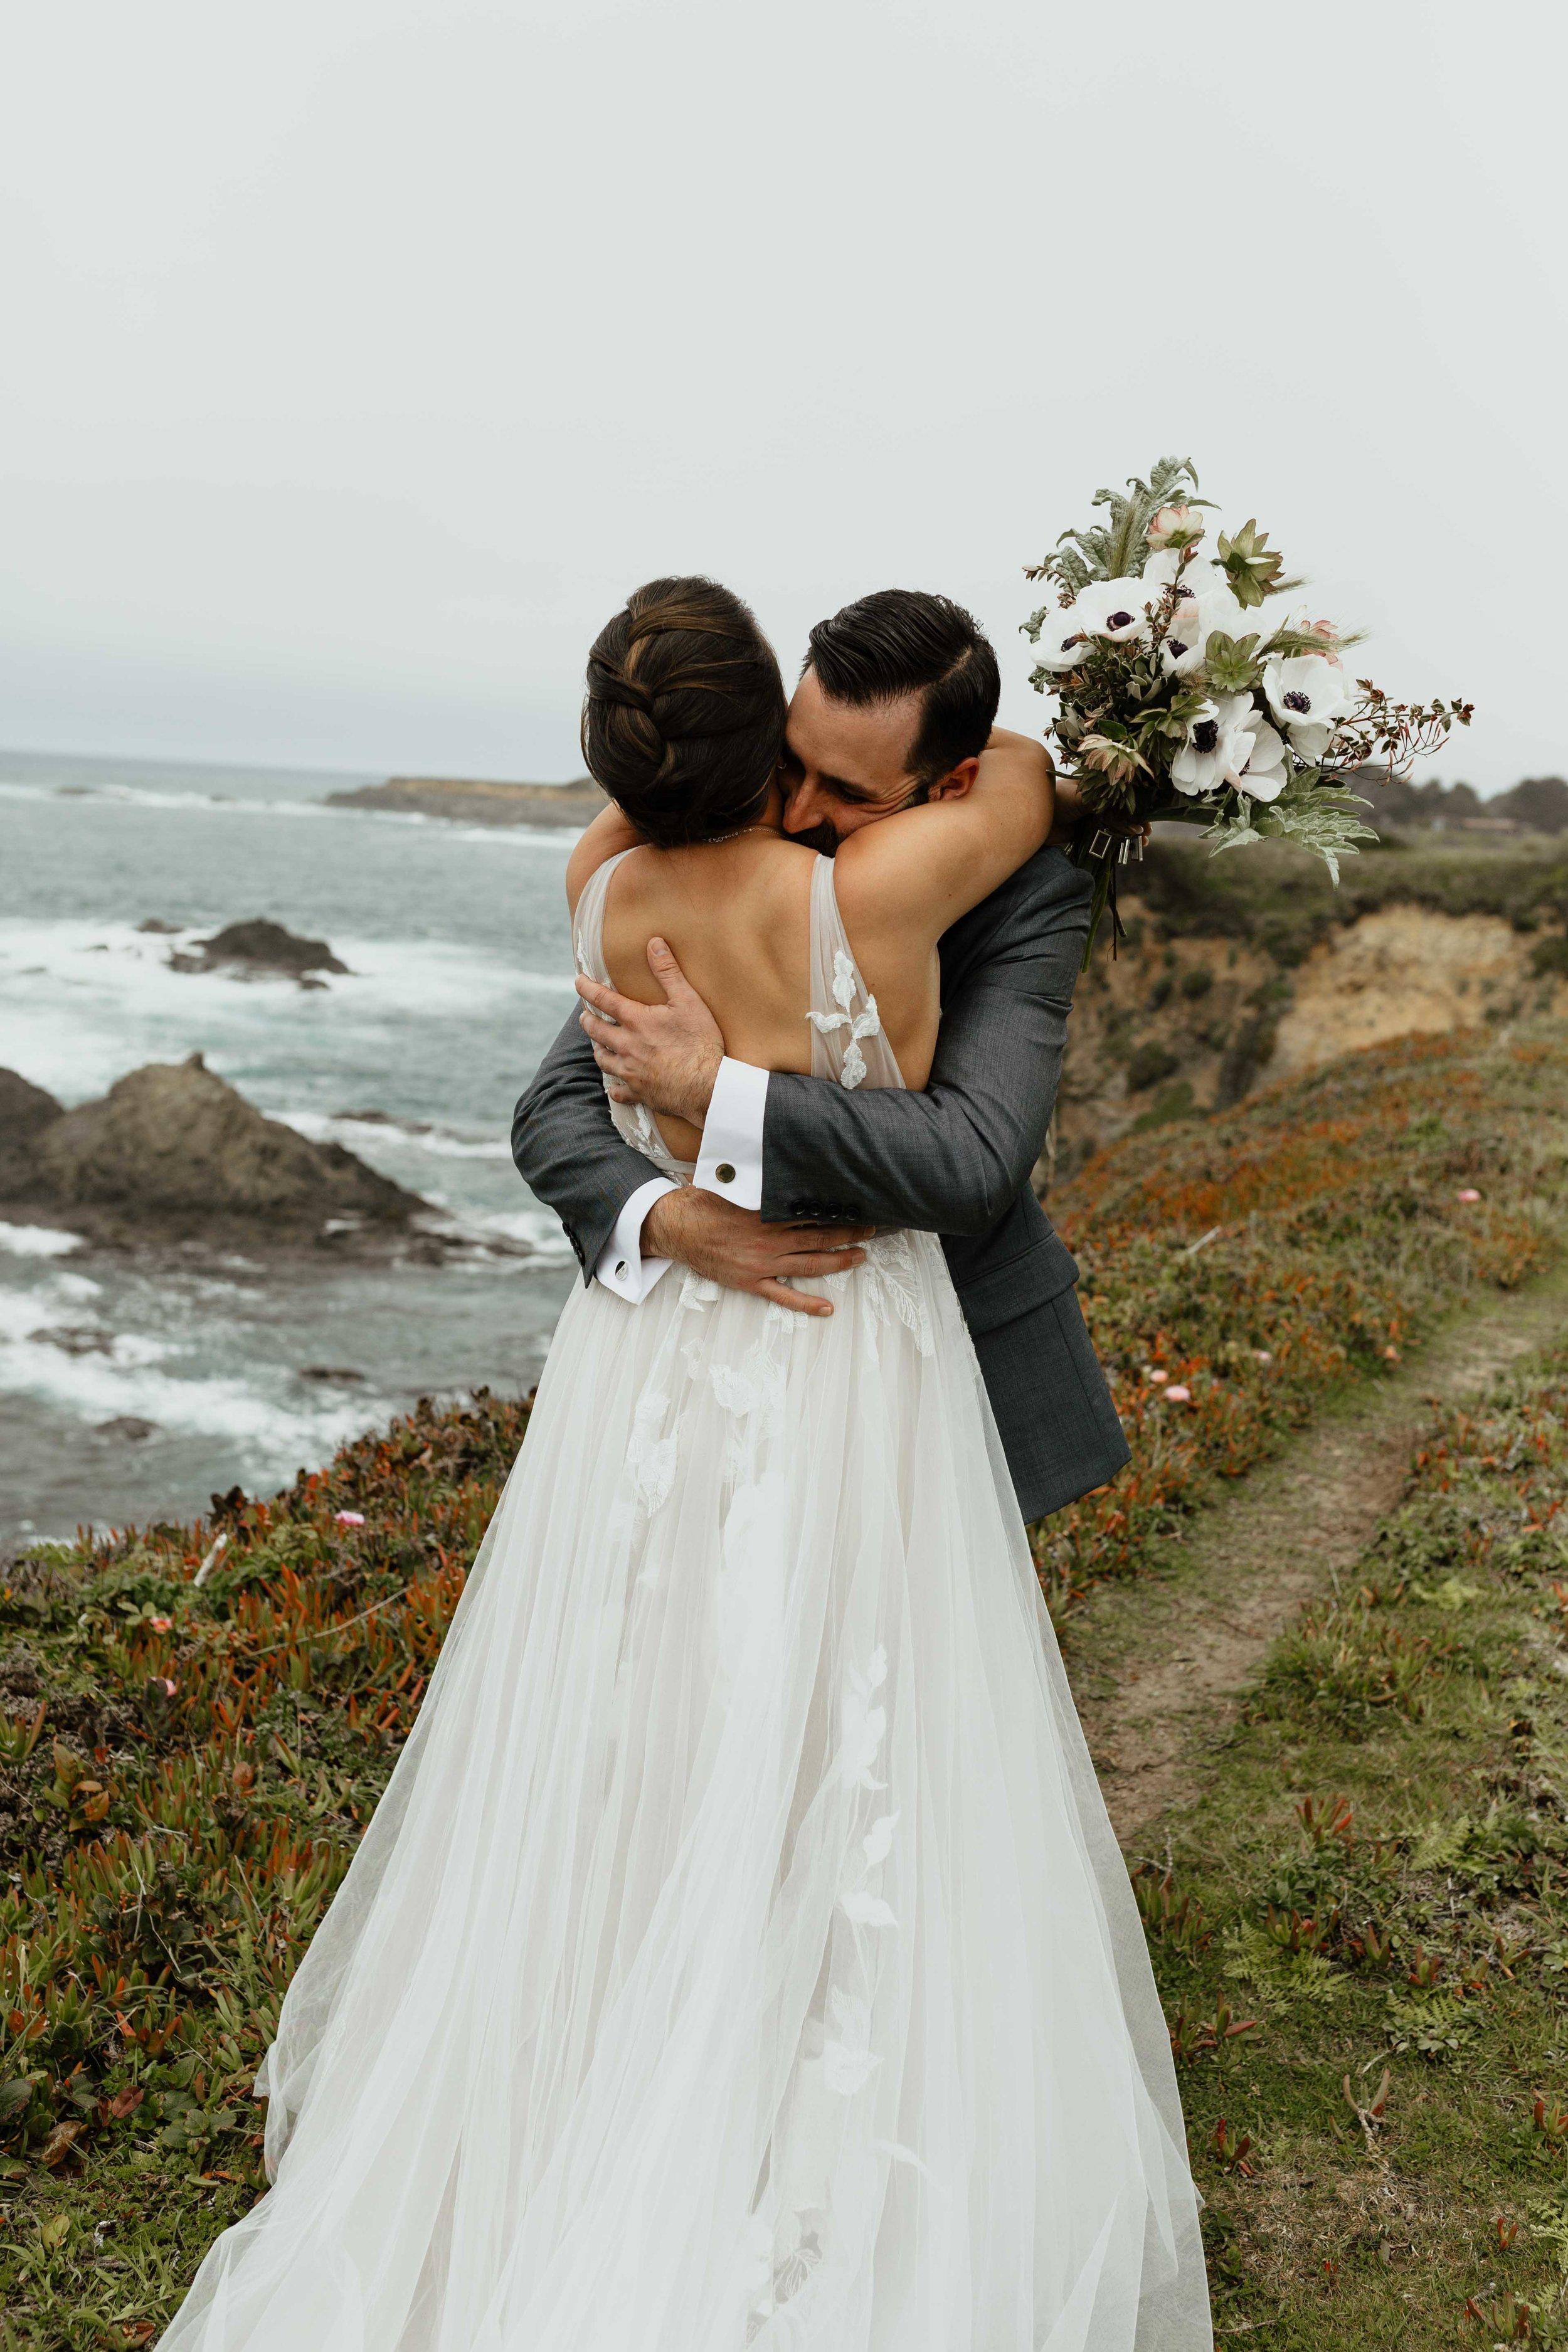 first look spokane bride and groom beach